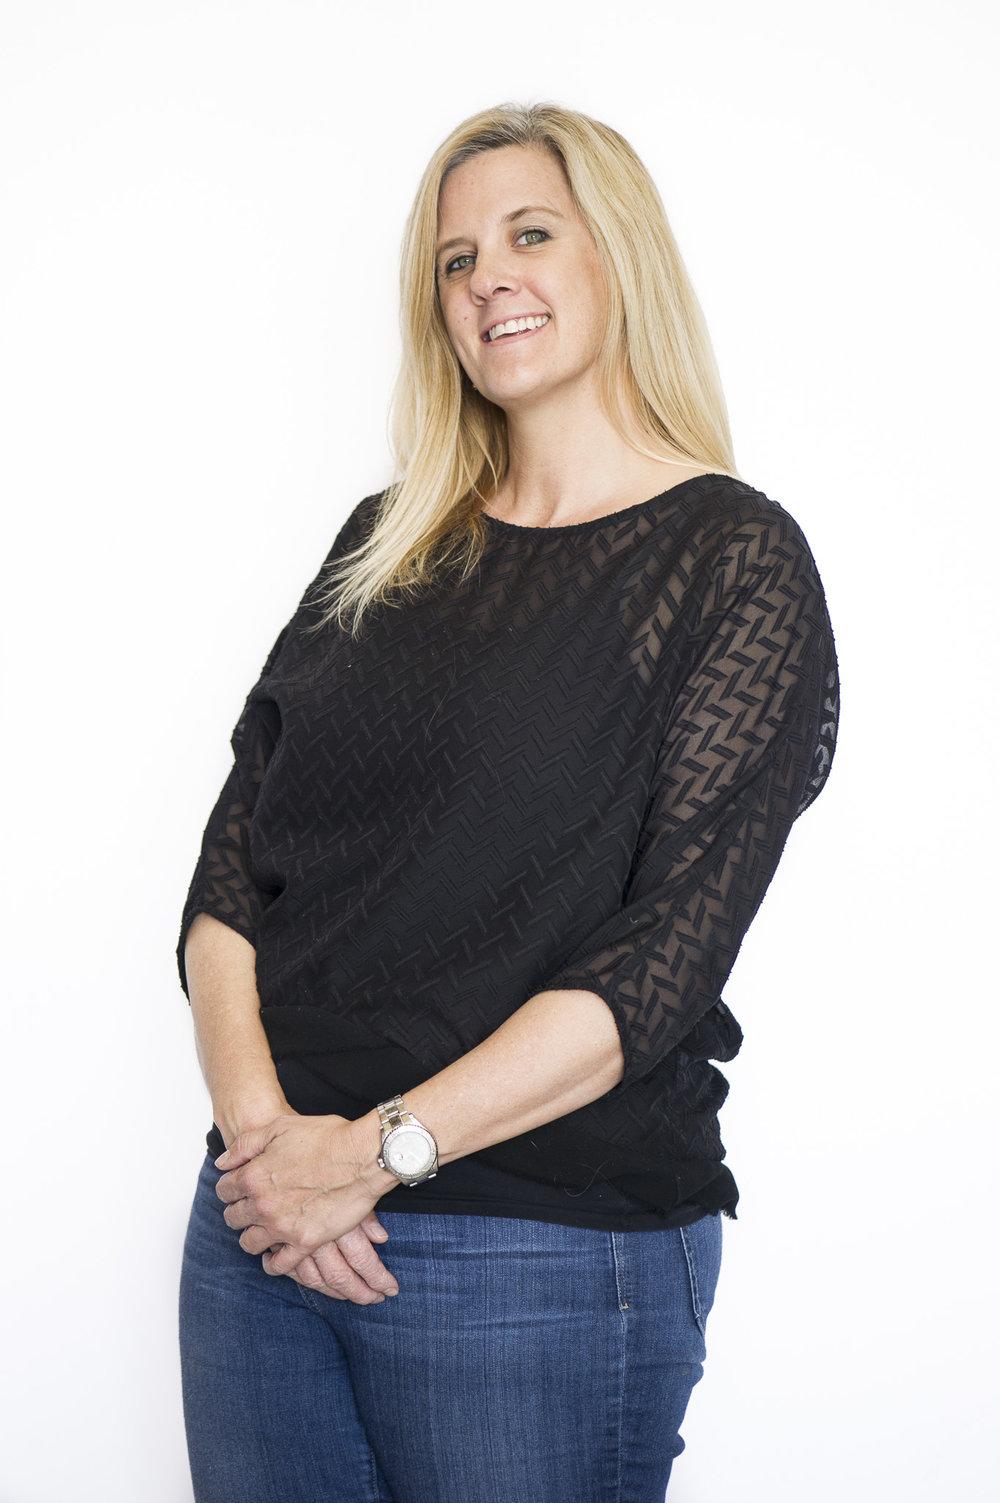 Christina Baker  | Director of Floral Services